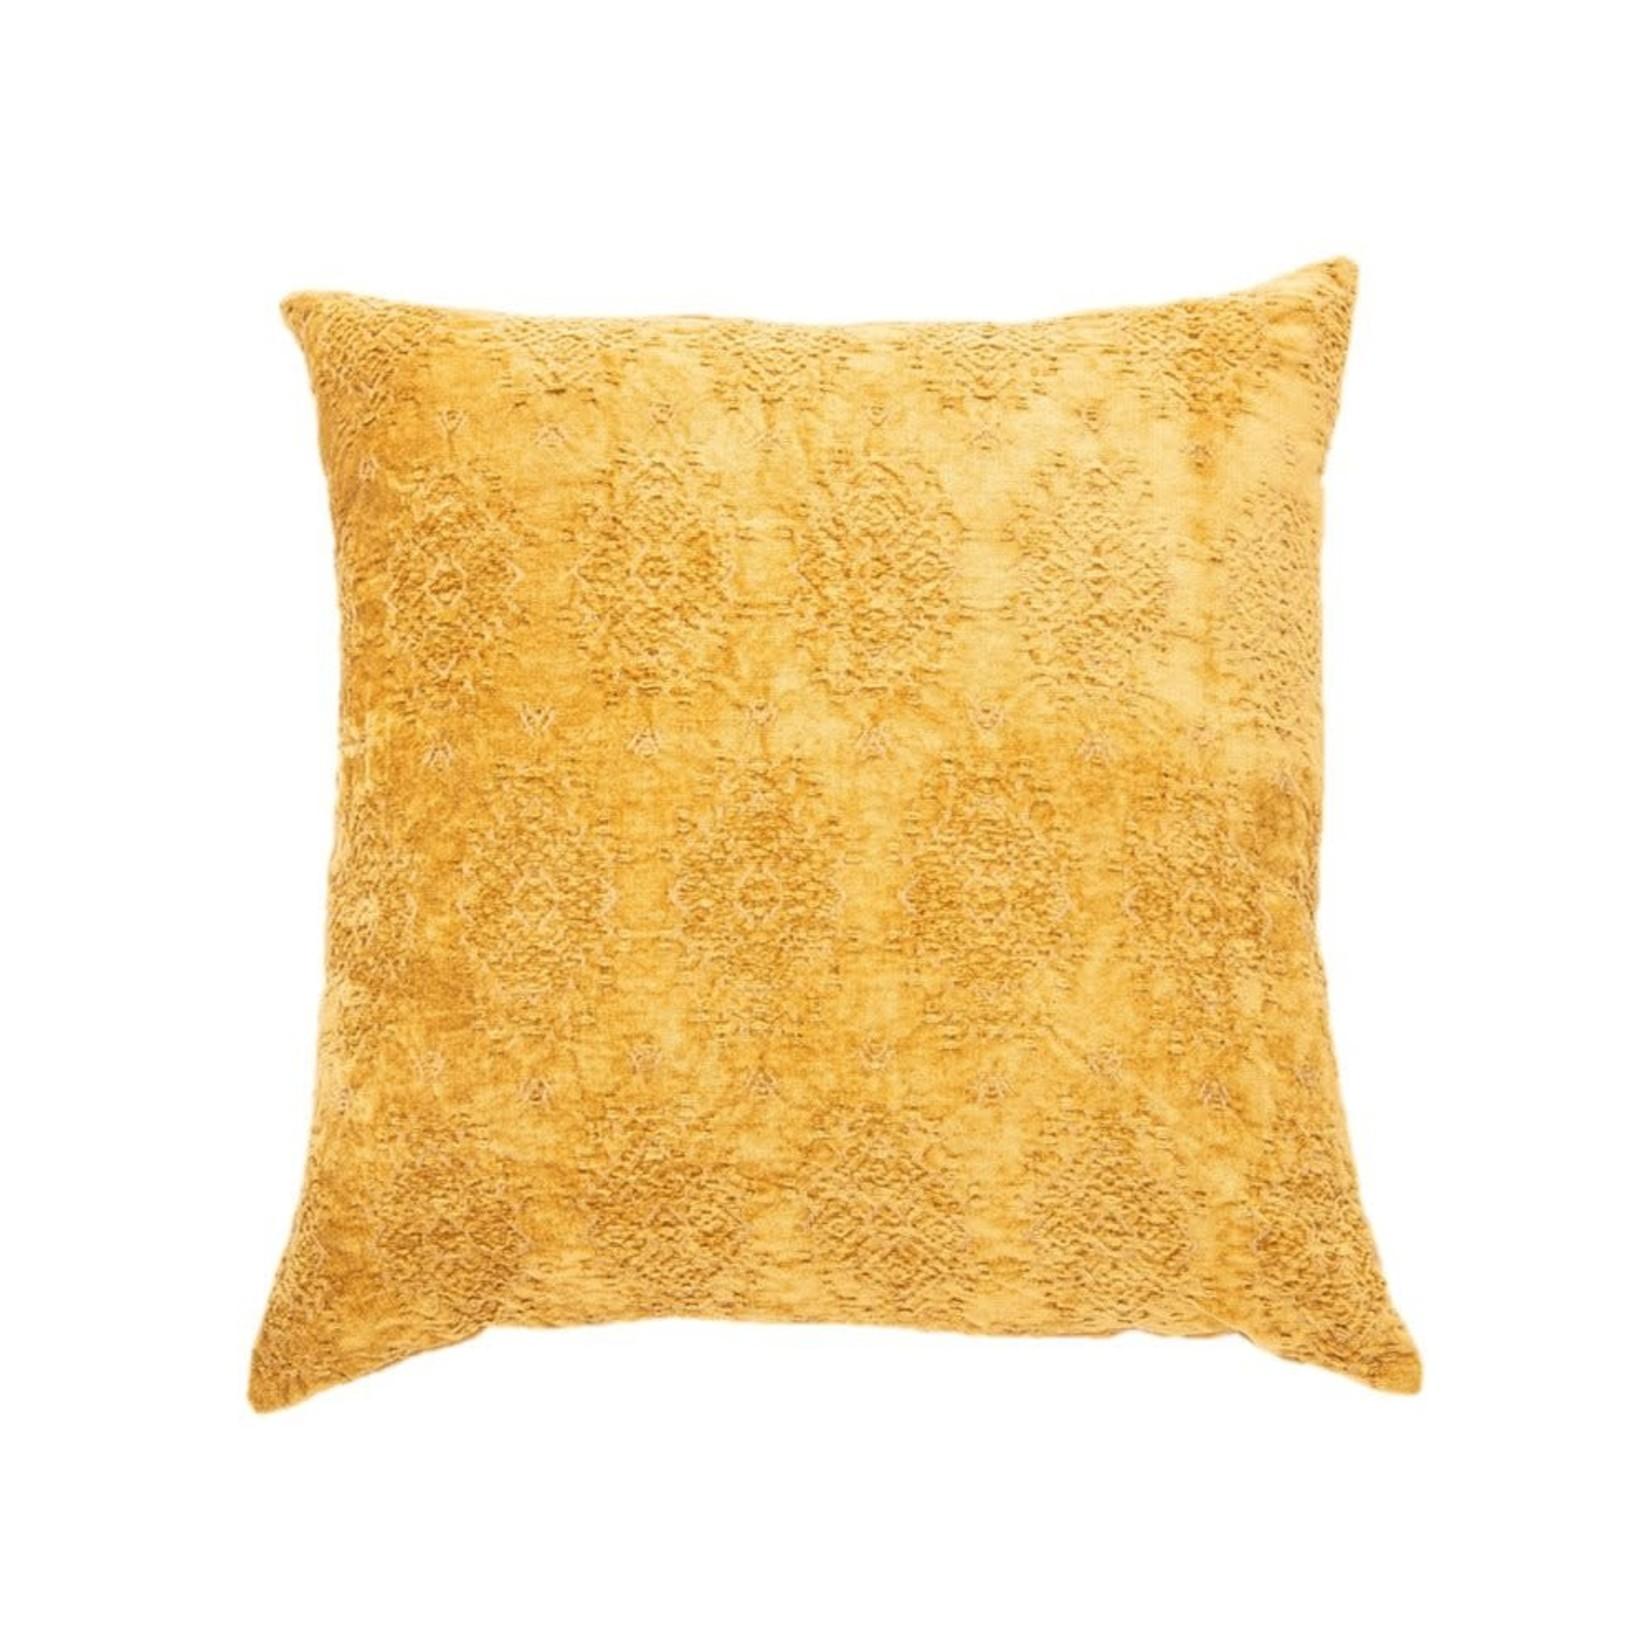 Toro Mustard European Cushion